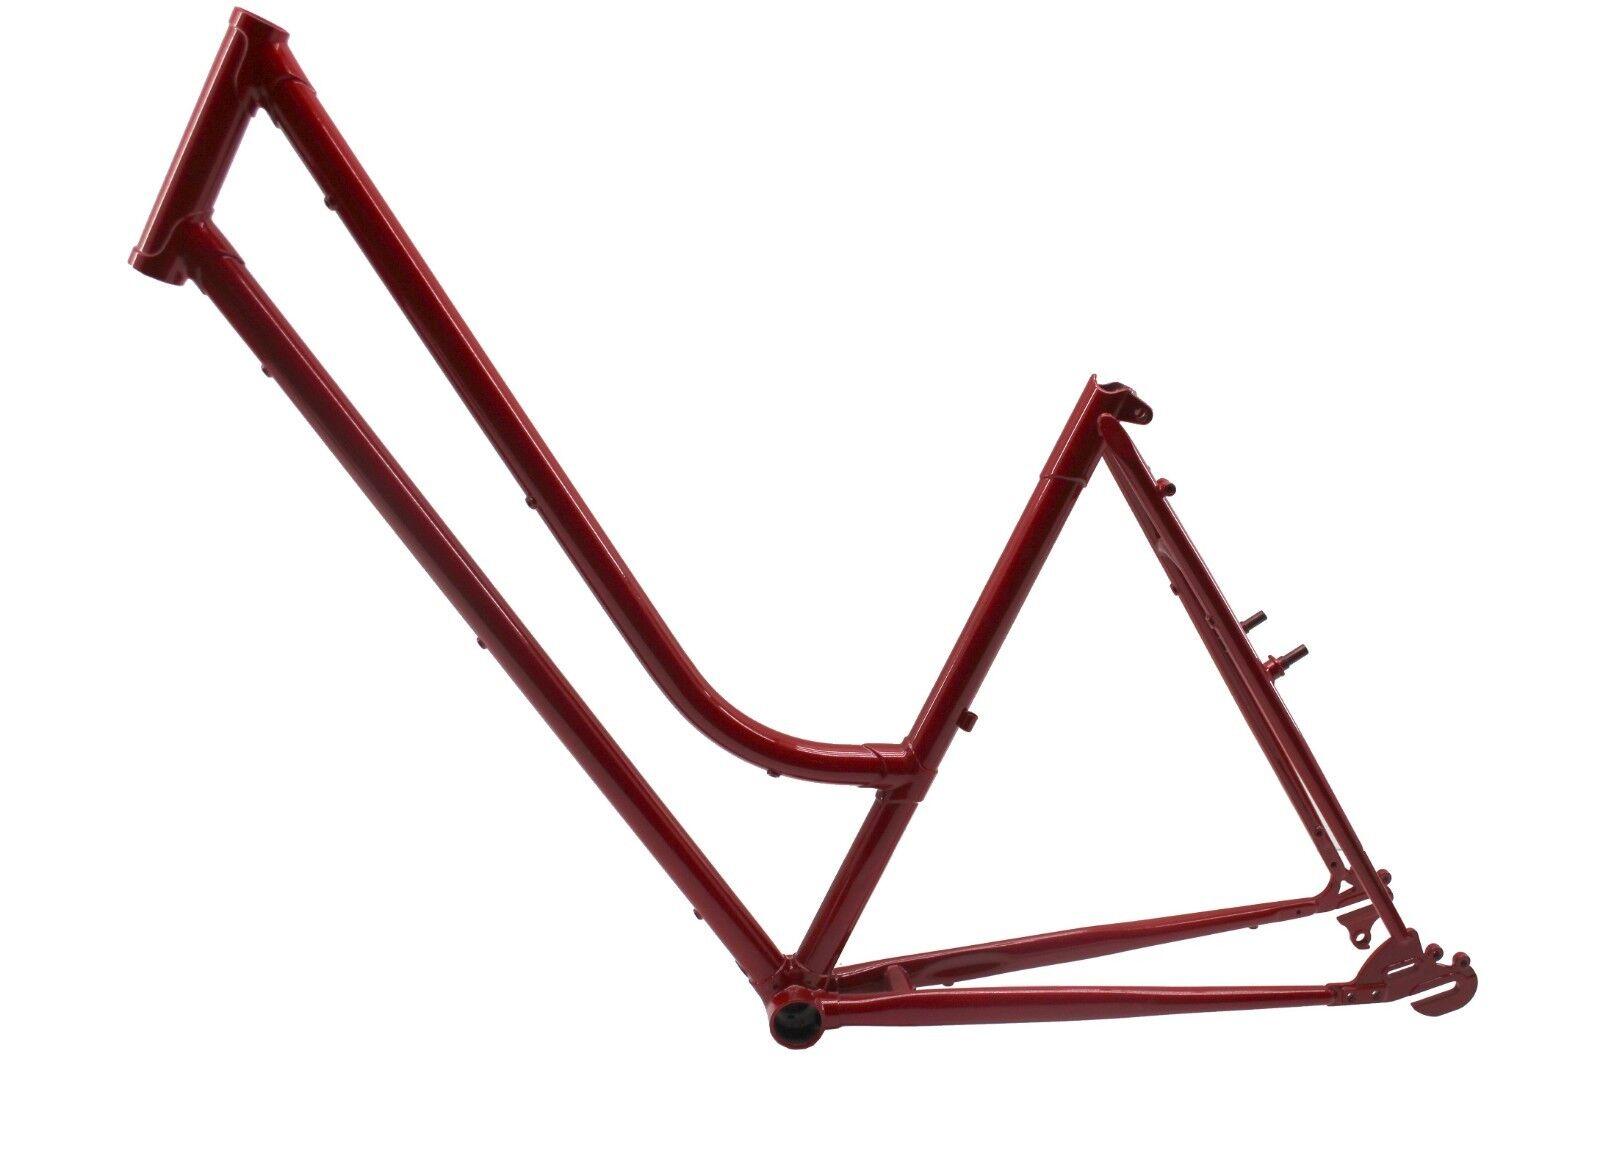 Stahl Fahrradrahmen Nostalgie  28 , RH 49cm, Naben  Ketteschaltung, BSA Lagermaß